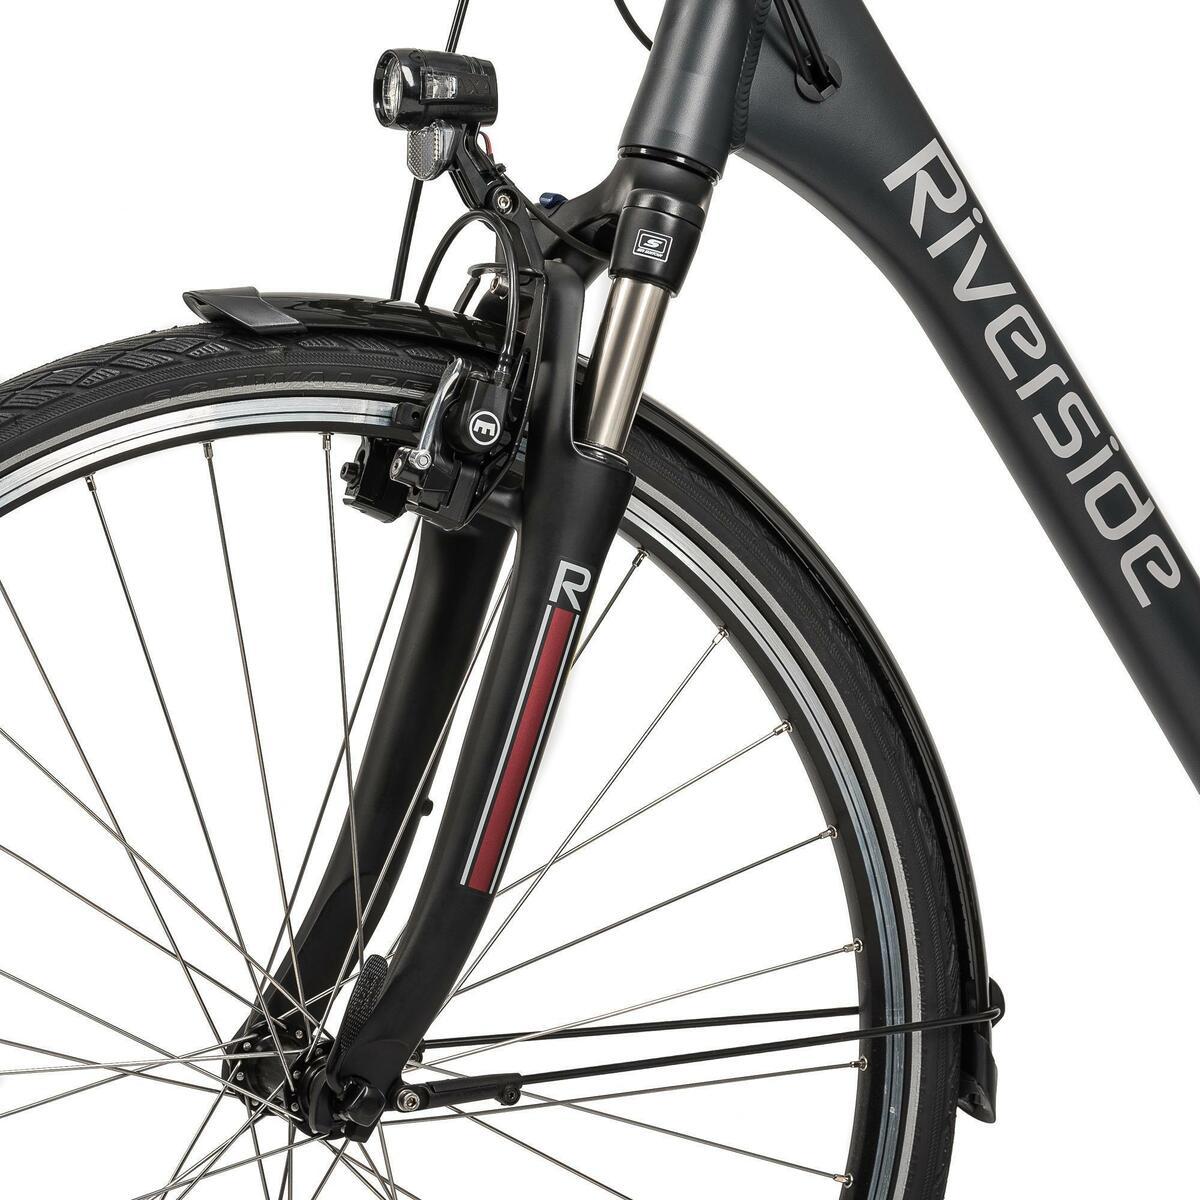 Bild 5 von E-Bike 28 Riverside City Nexus 8 Active Plus 400 Wh Rücktritt anthtrazit